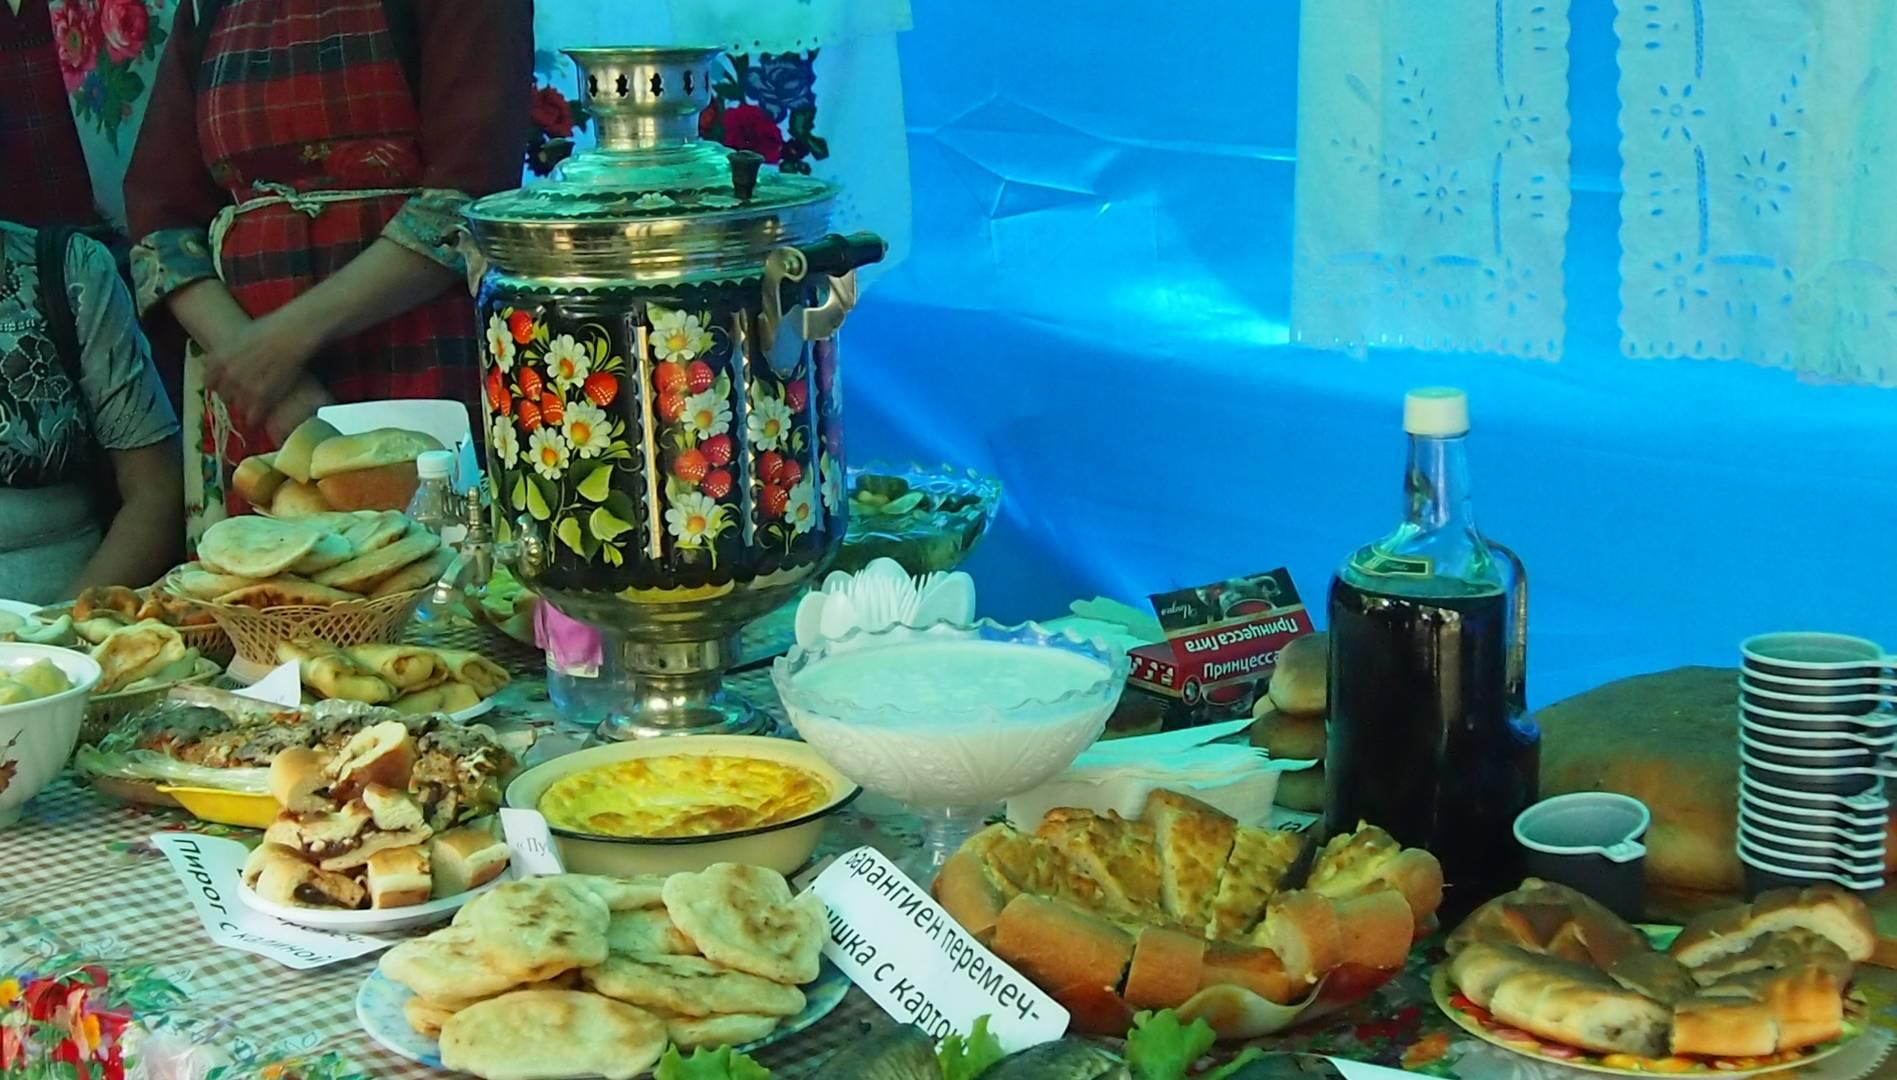 Самовар, чай, пироги